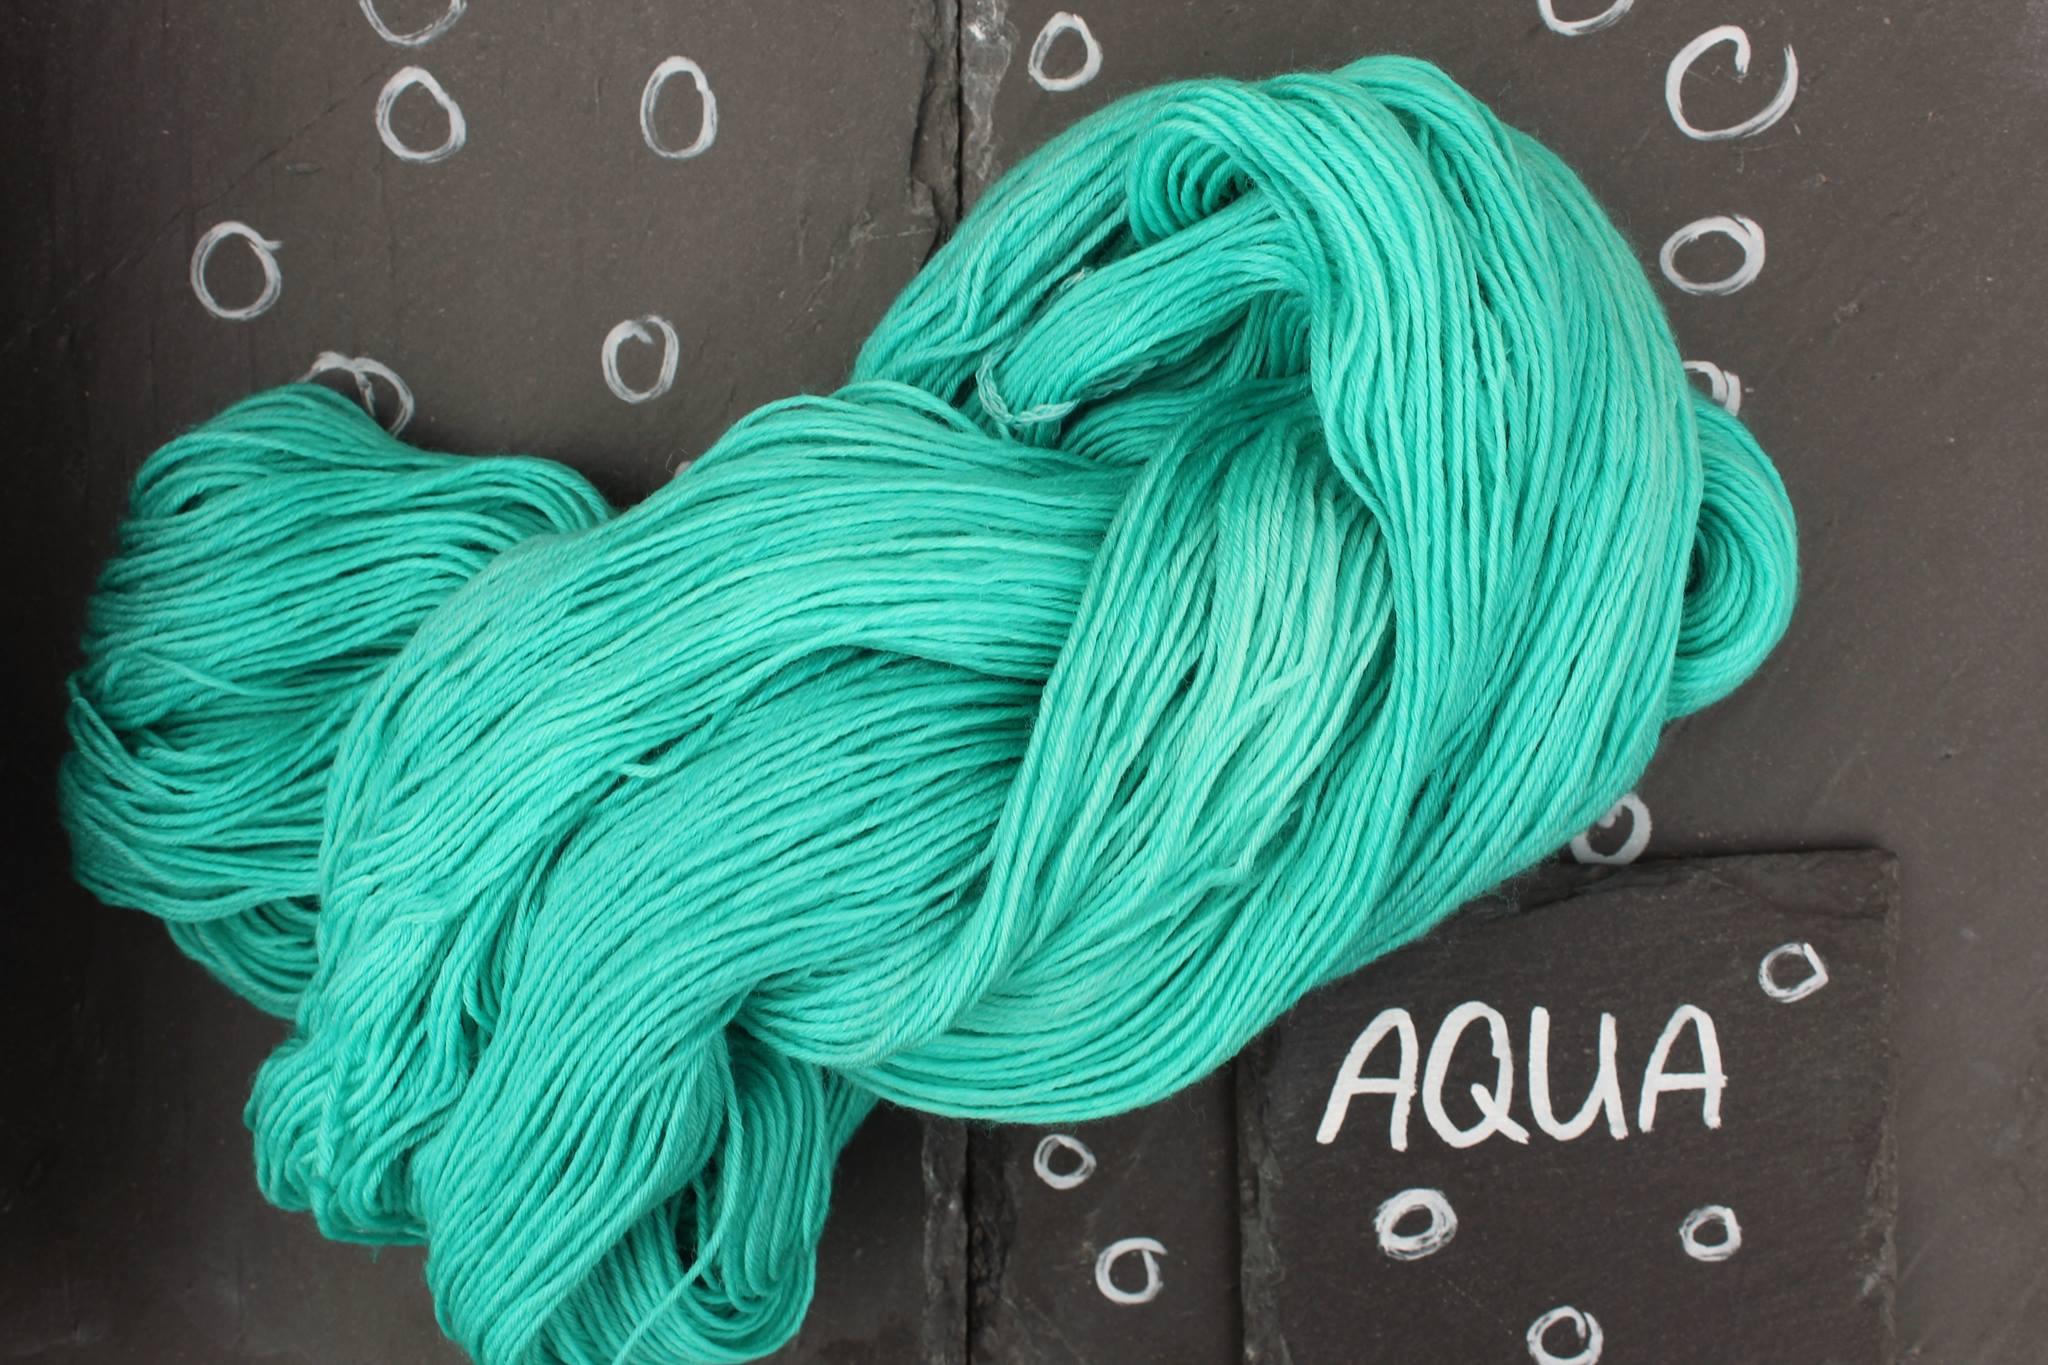 Aqua Seide Merino